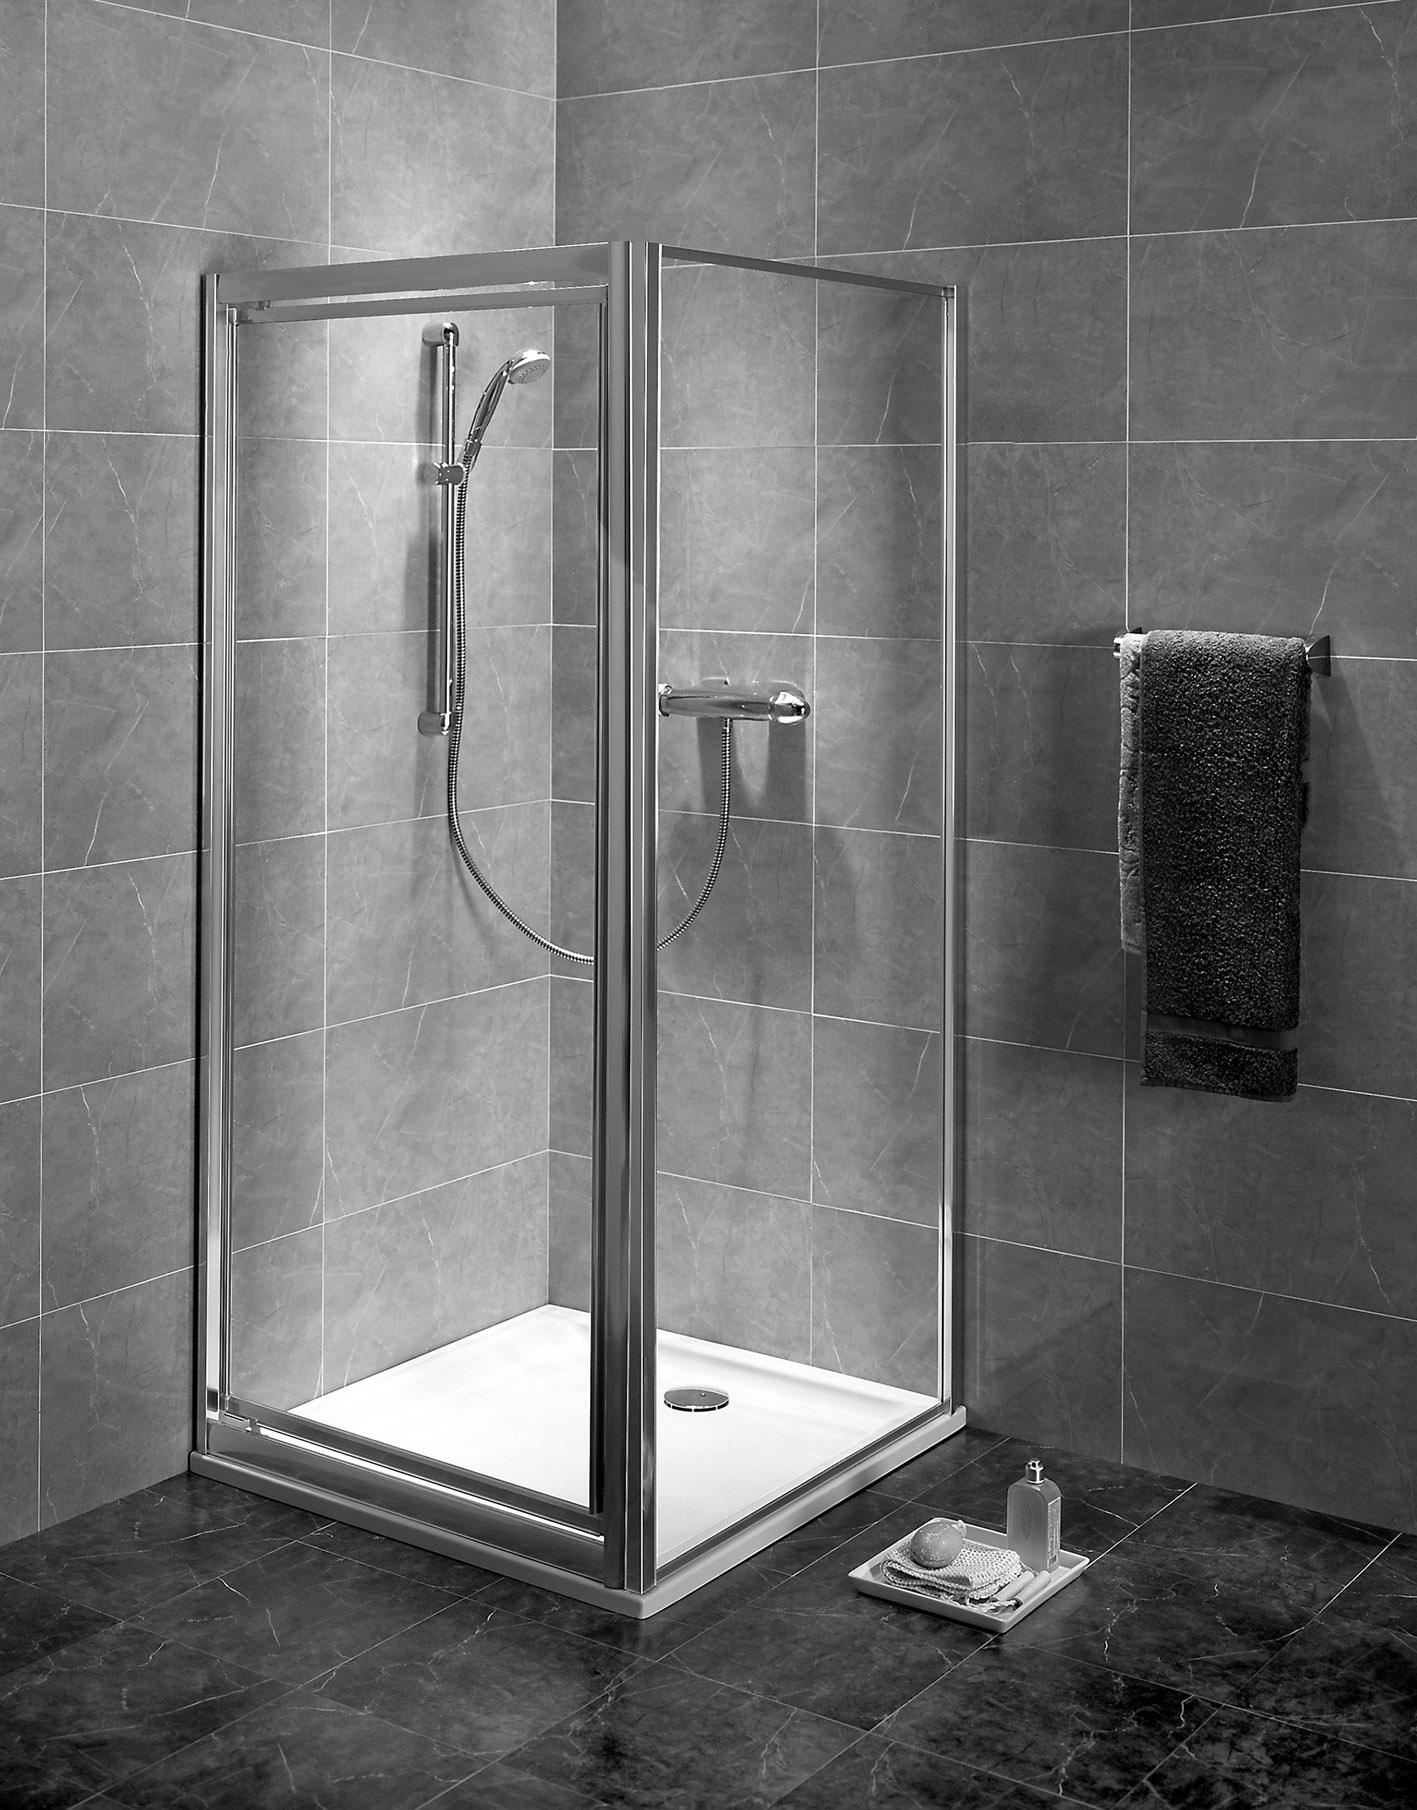 sprchové kouty KOLO AKORD 90 RDRP90222005 křídlové dveře